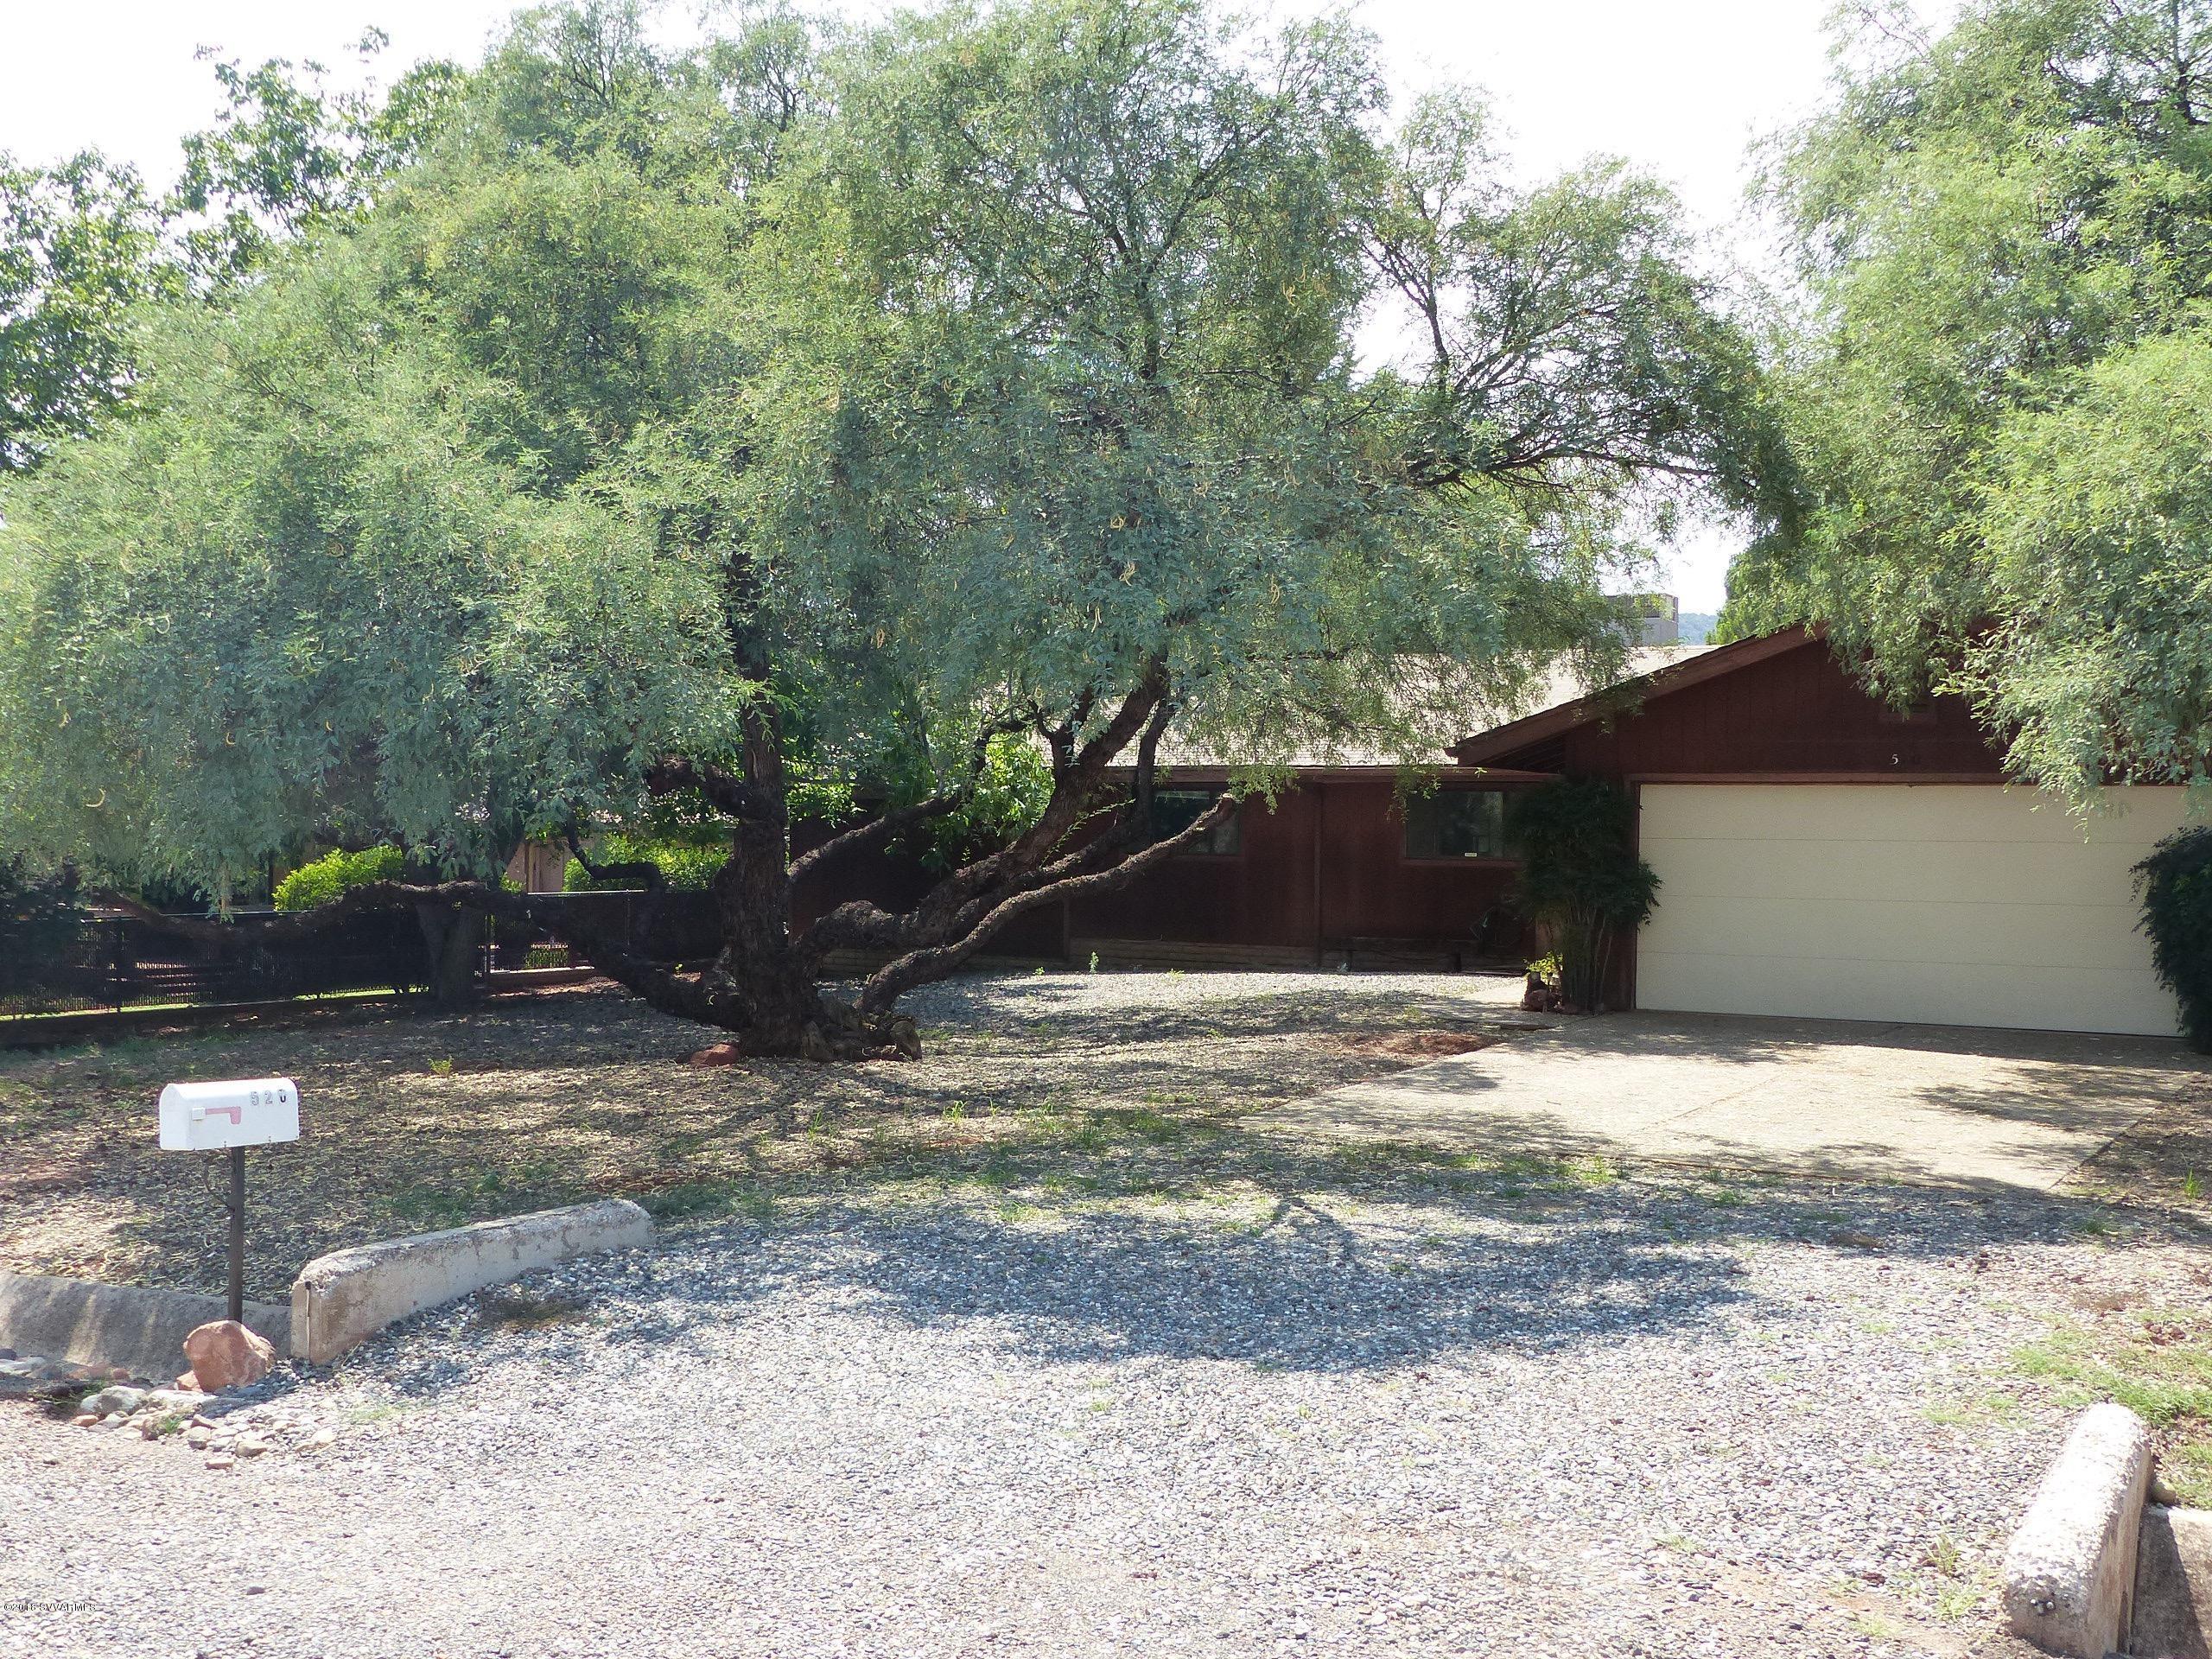 520 Bell Rock Blvd Sedona, AZ 86351